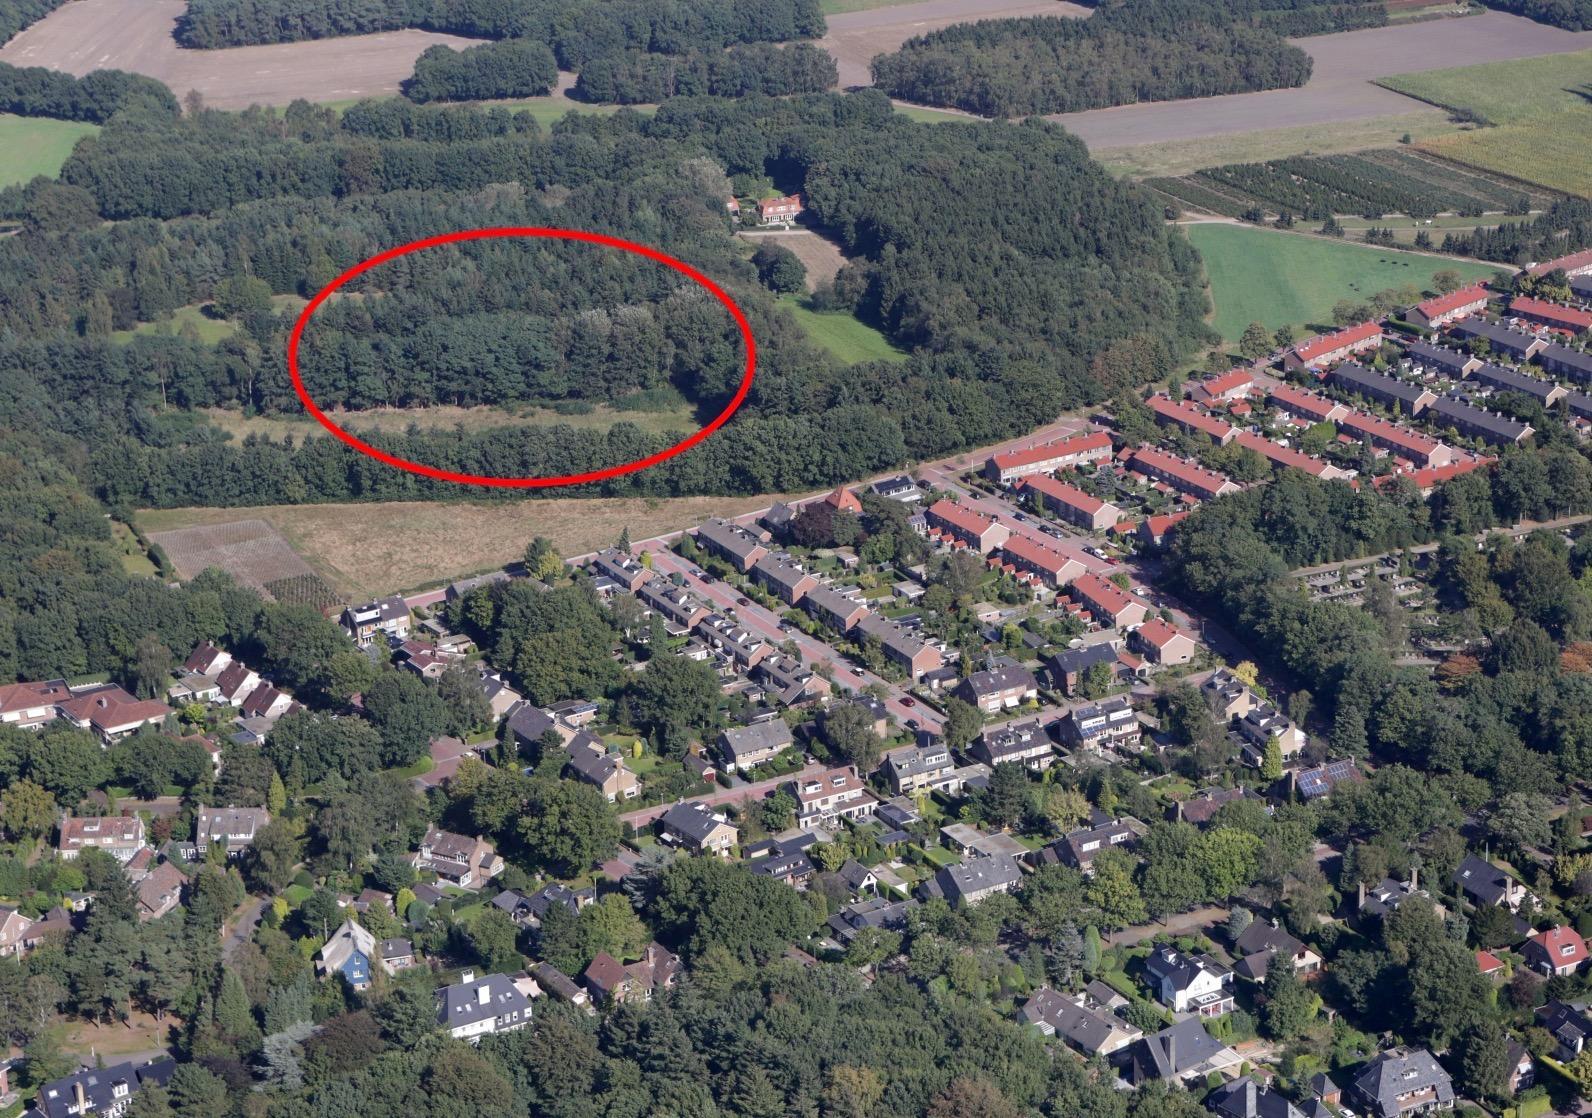 Vragen over bouwplan'torenflat' in GNR-gebied vlakbij villa 't Hooge Nest op grens van Huizen en Naarden